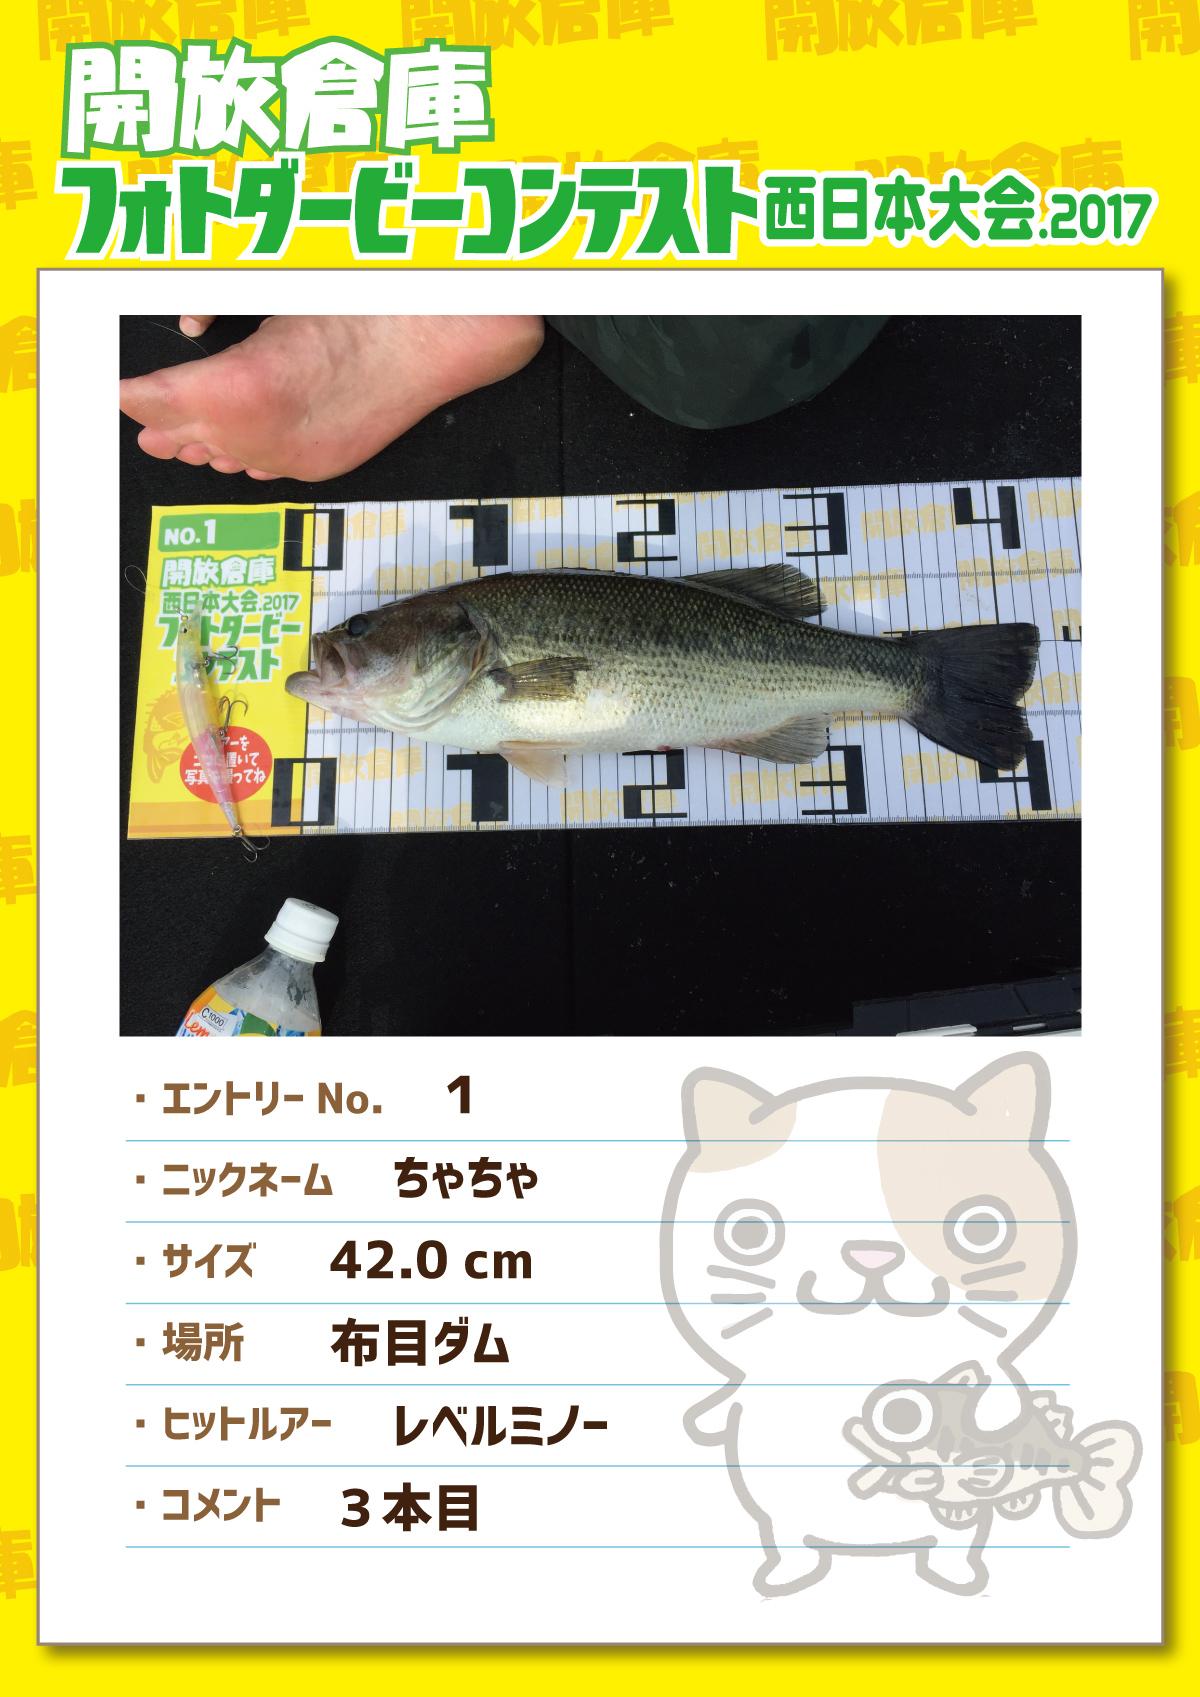 No.1 ちゃちゃ 42.0cm 布目ダム レベルミノー 3本目